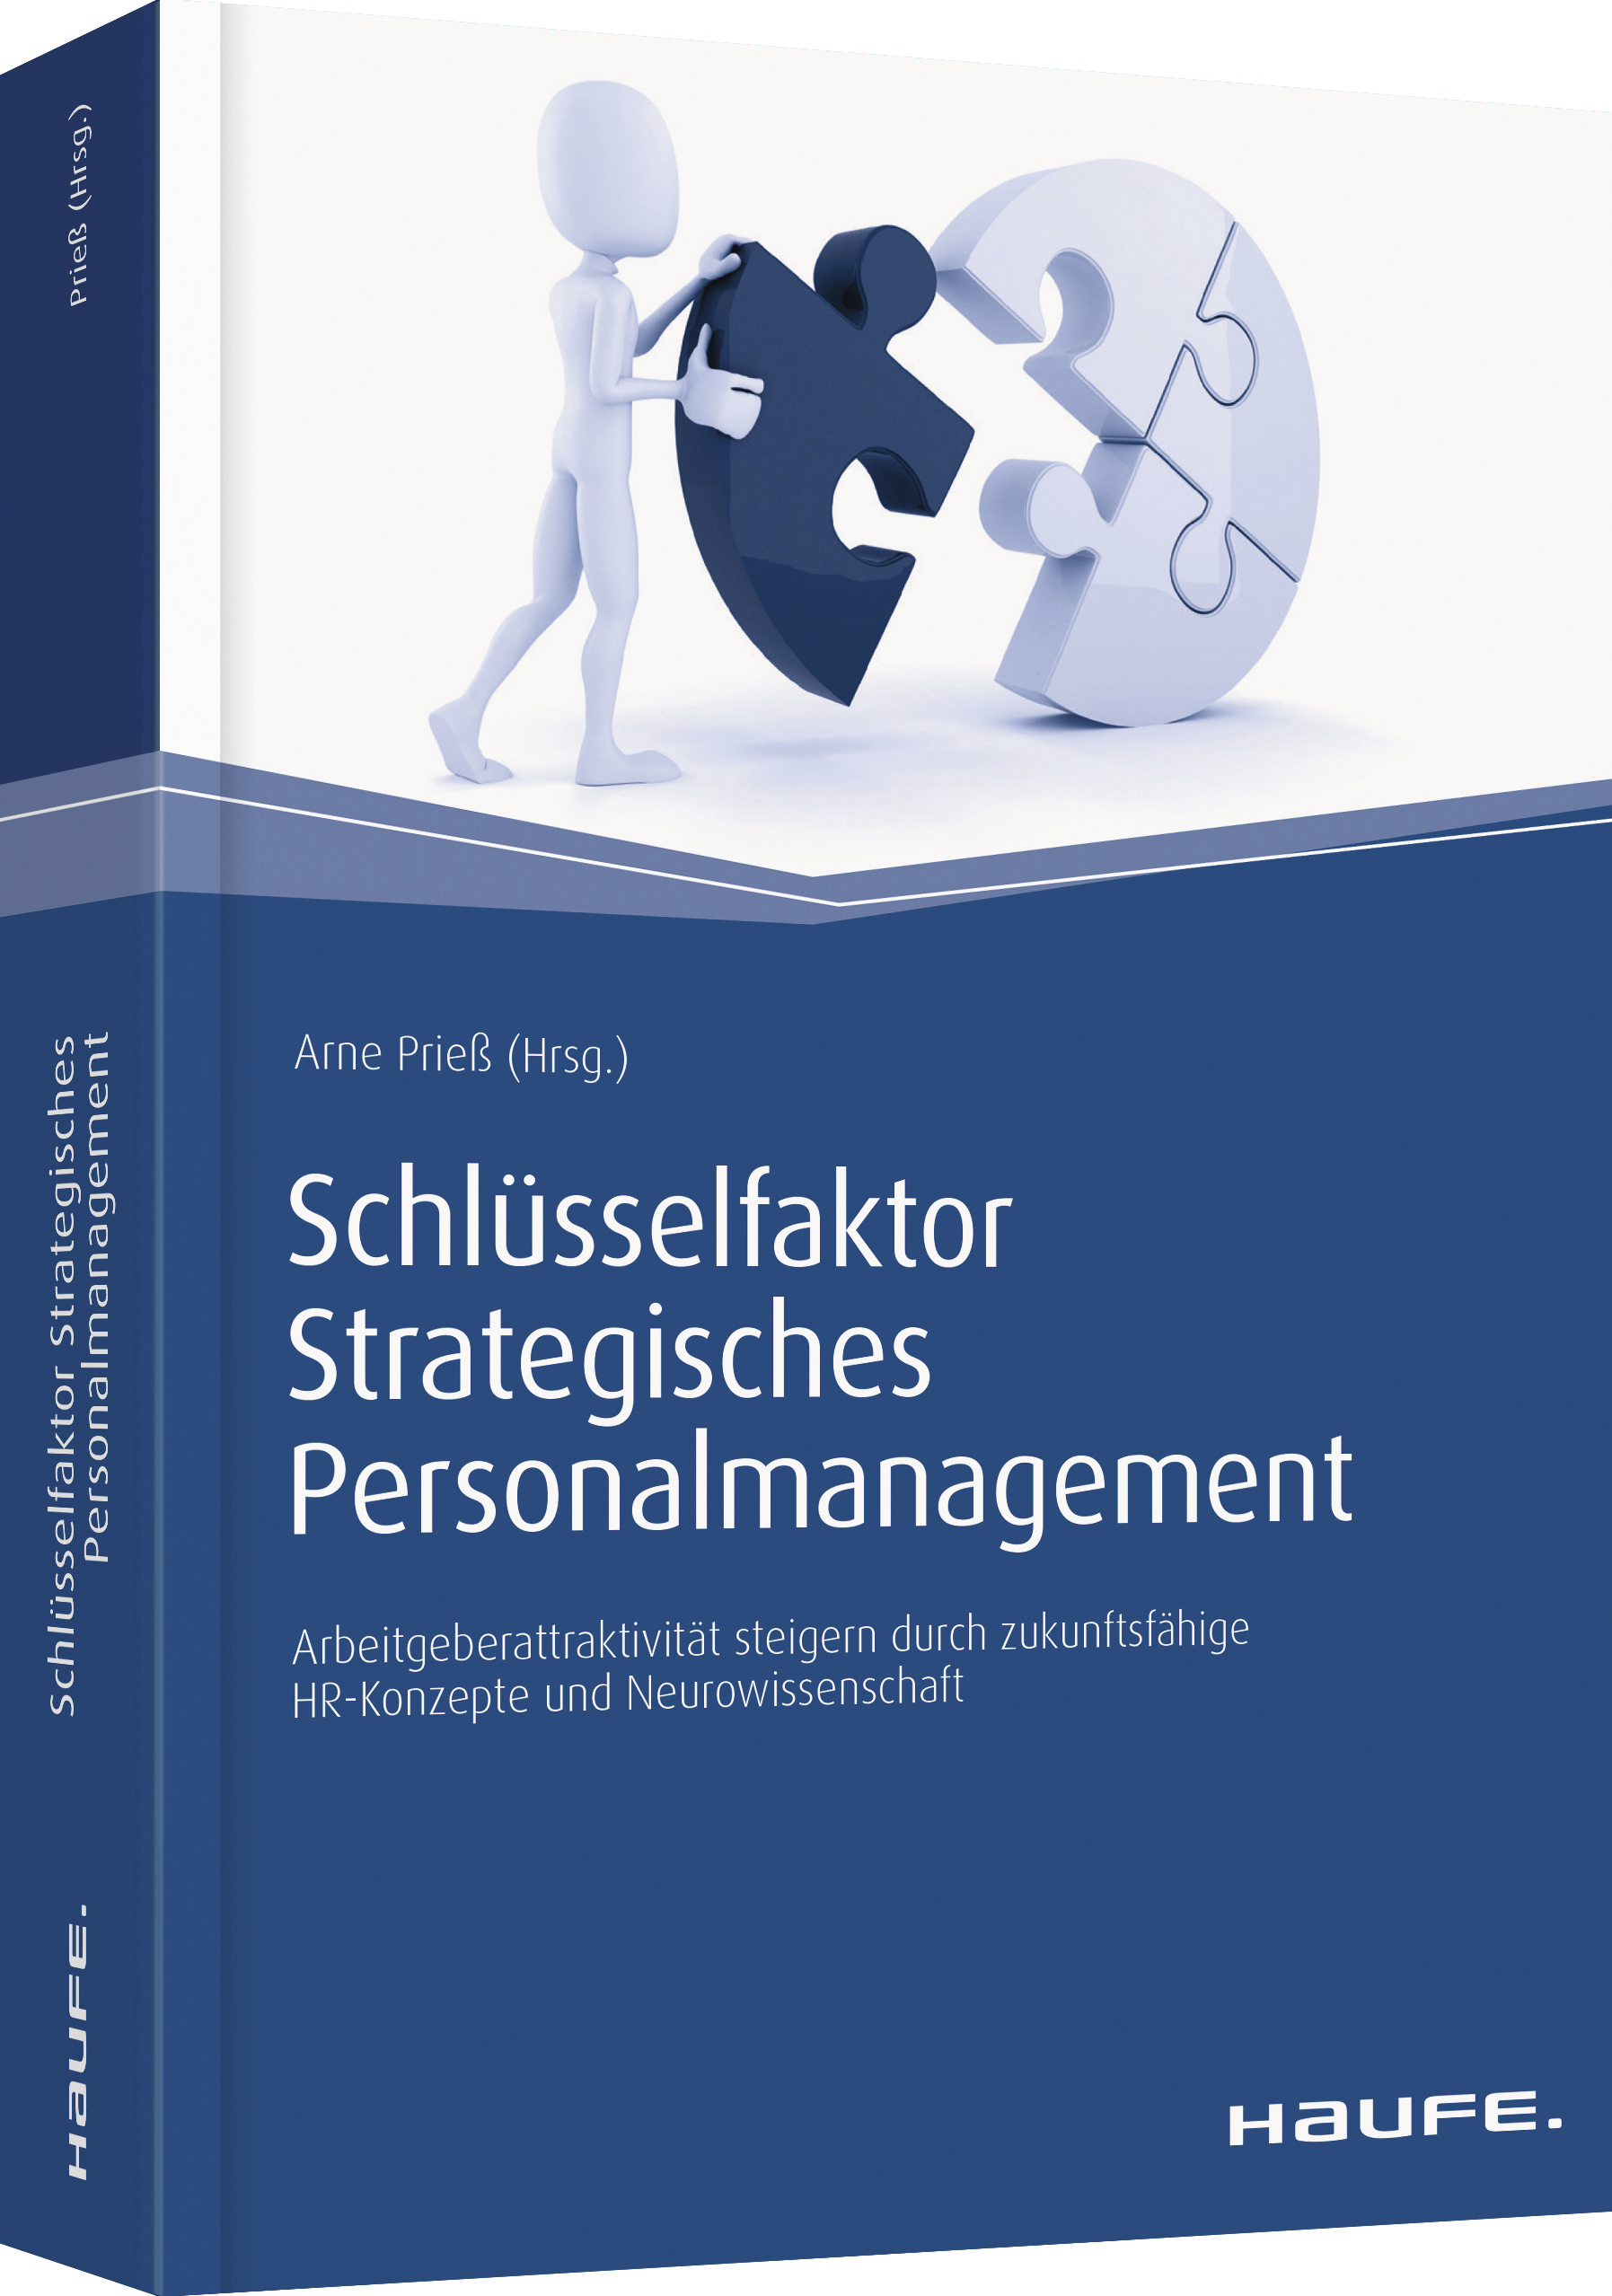 Schlüsselfaktor Strategisches Personalmanagement – HR Strategie und Neuro-Wissenschaft im Einklang